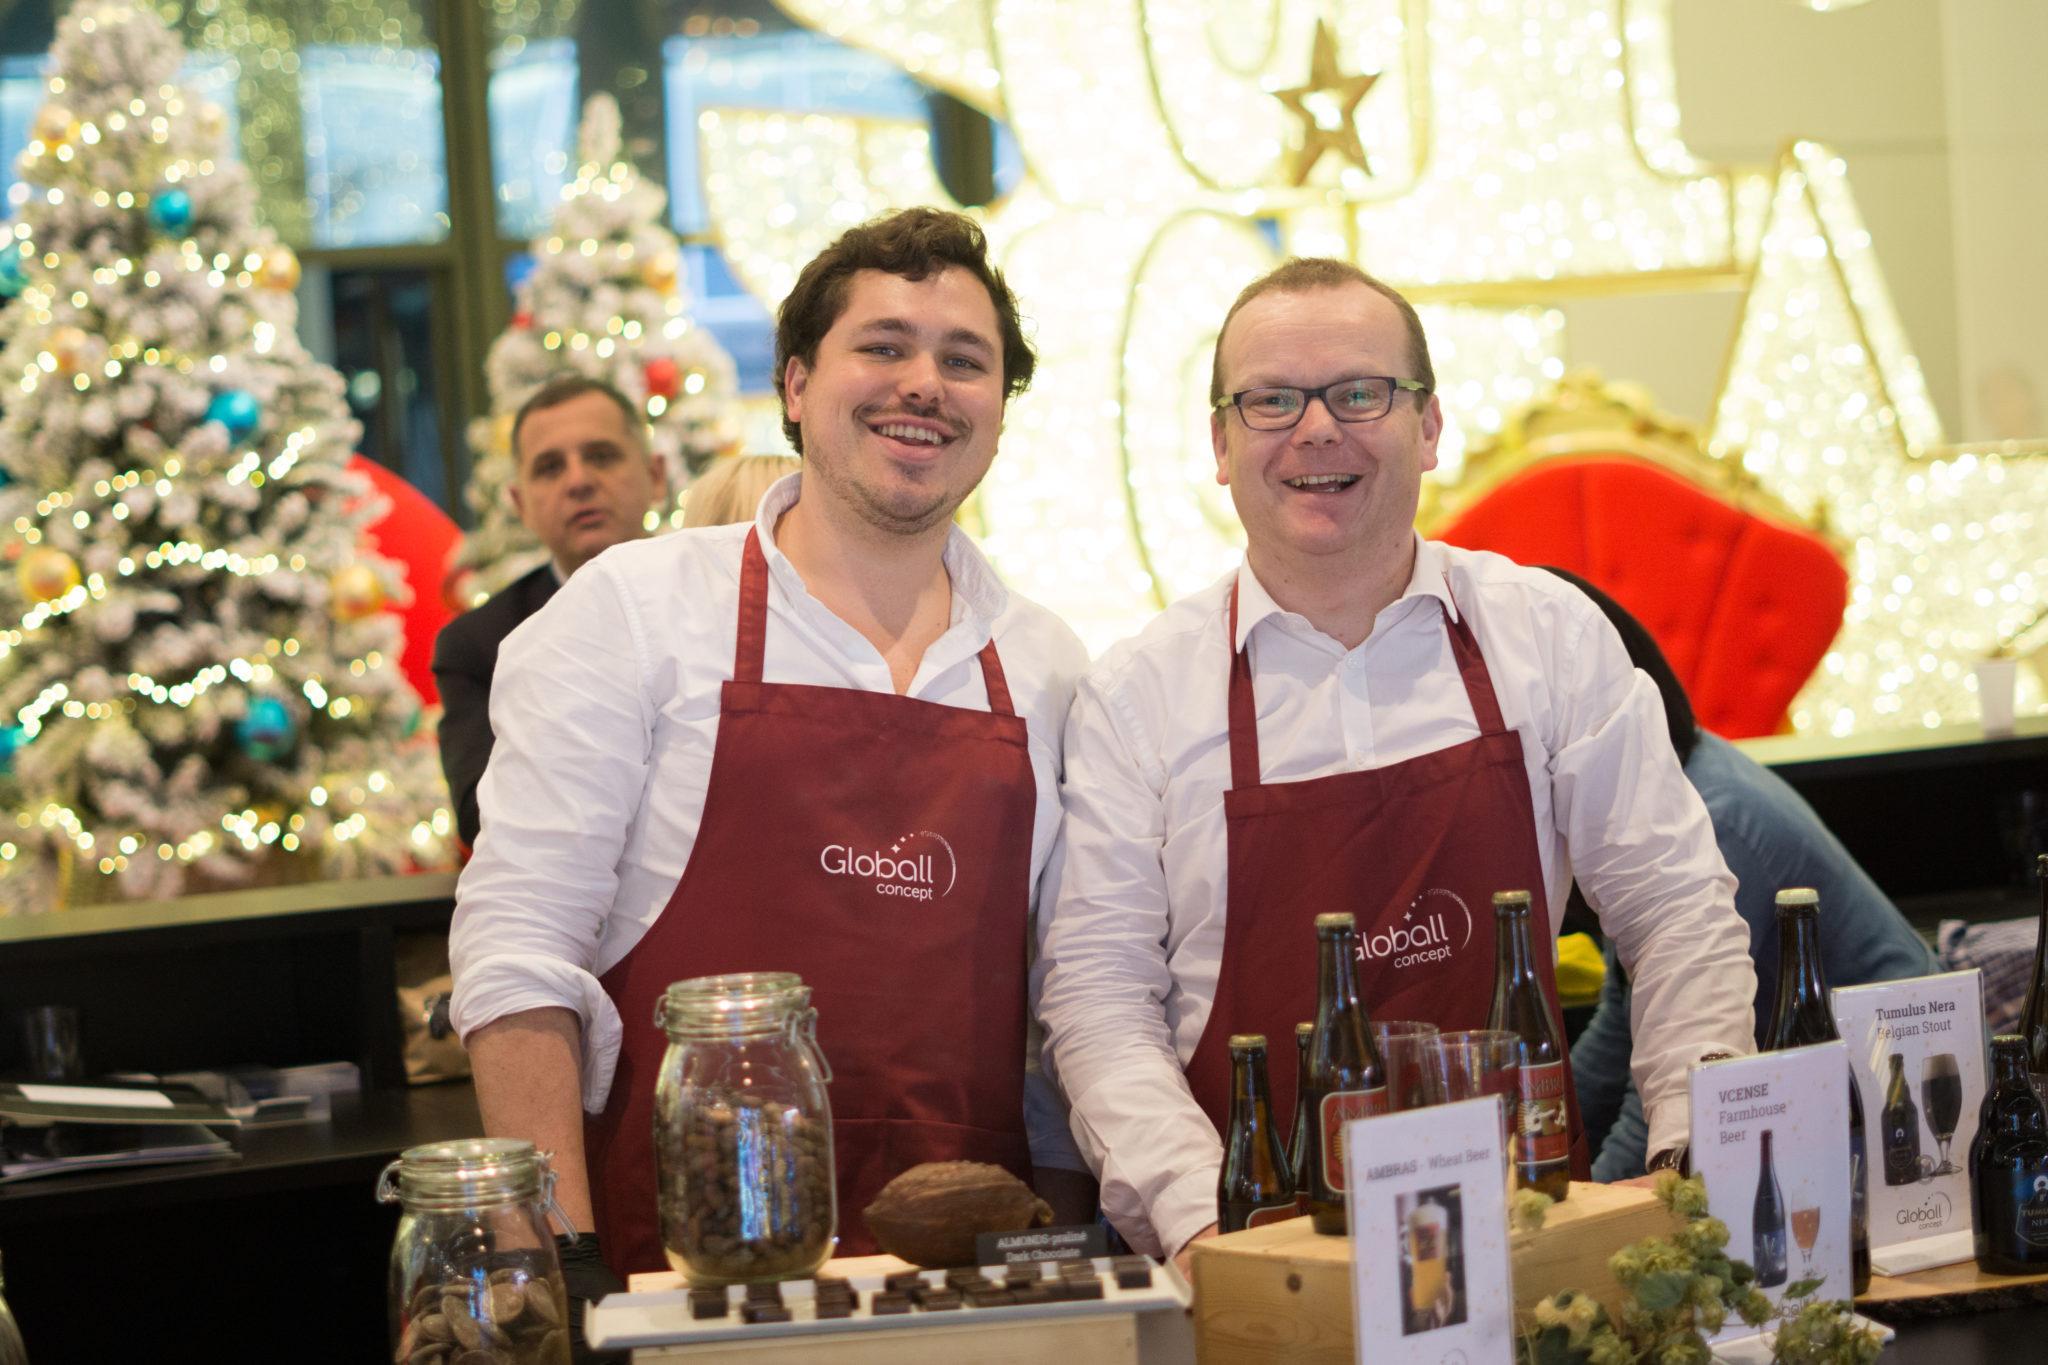 Globall-Concept-ChristmasWorld-Frankfurt-Jan187 Globall Concept ChristmasWorld Frankfurt Jan18